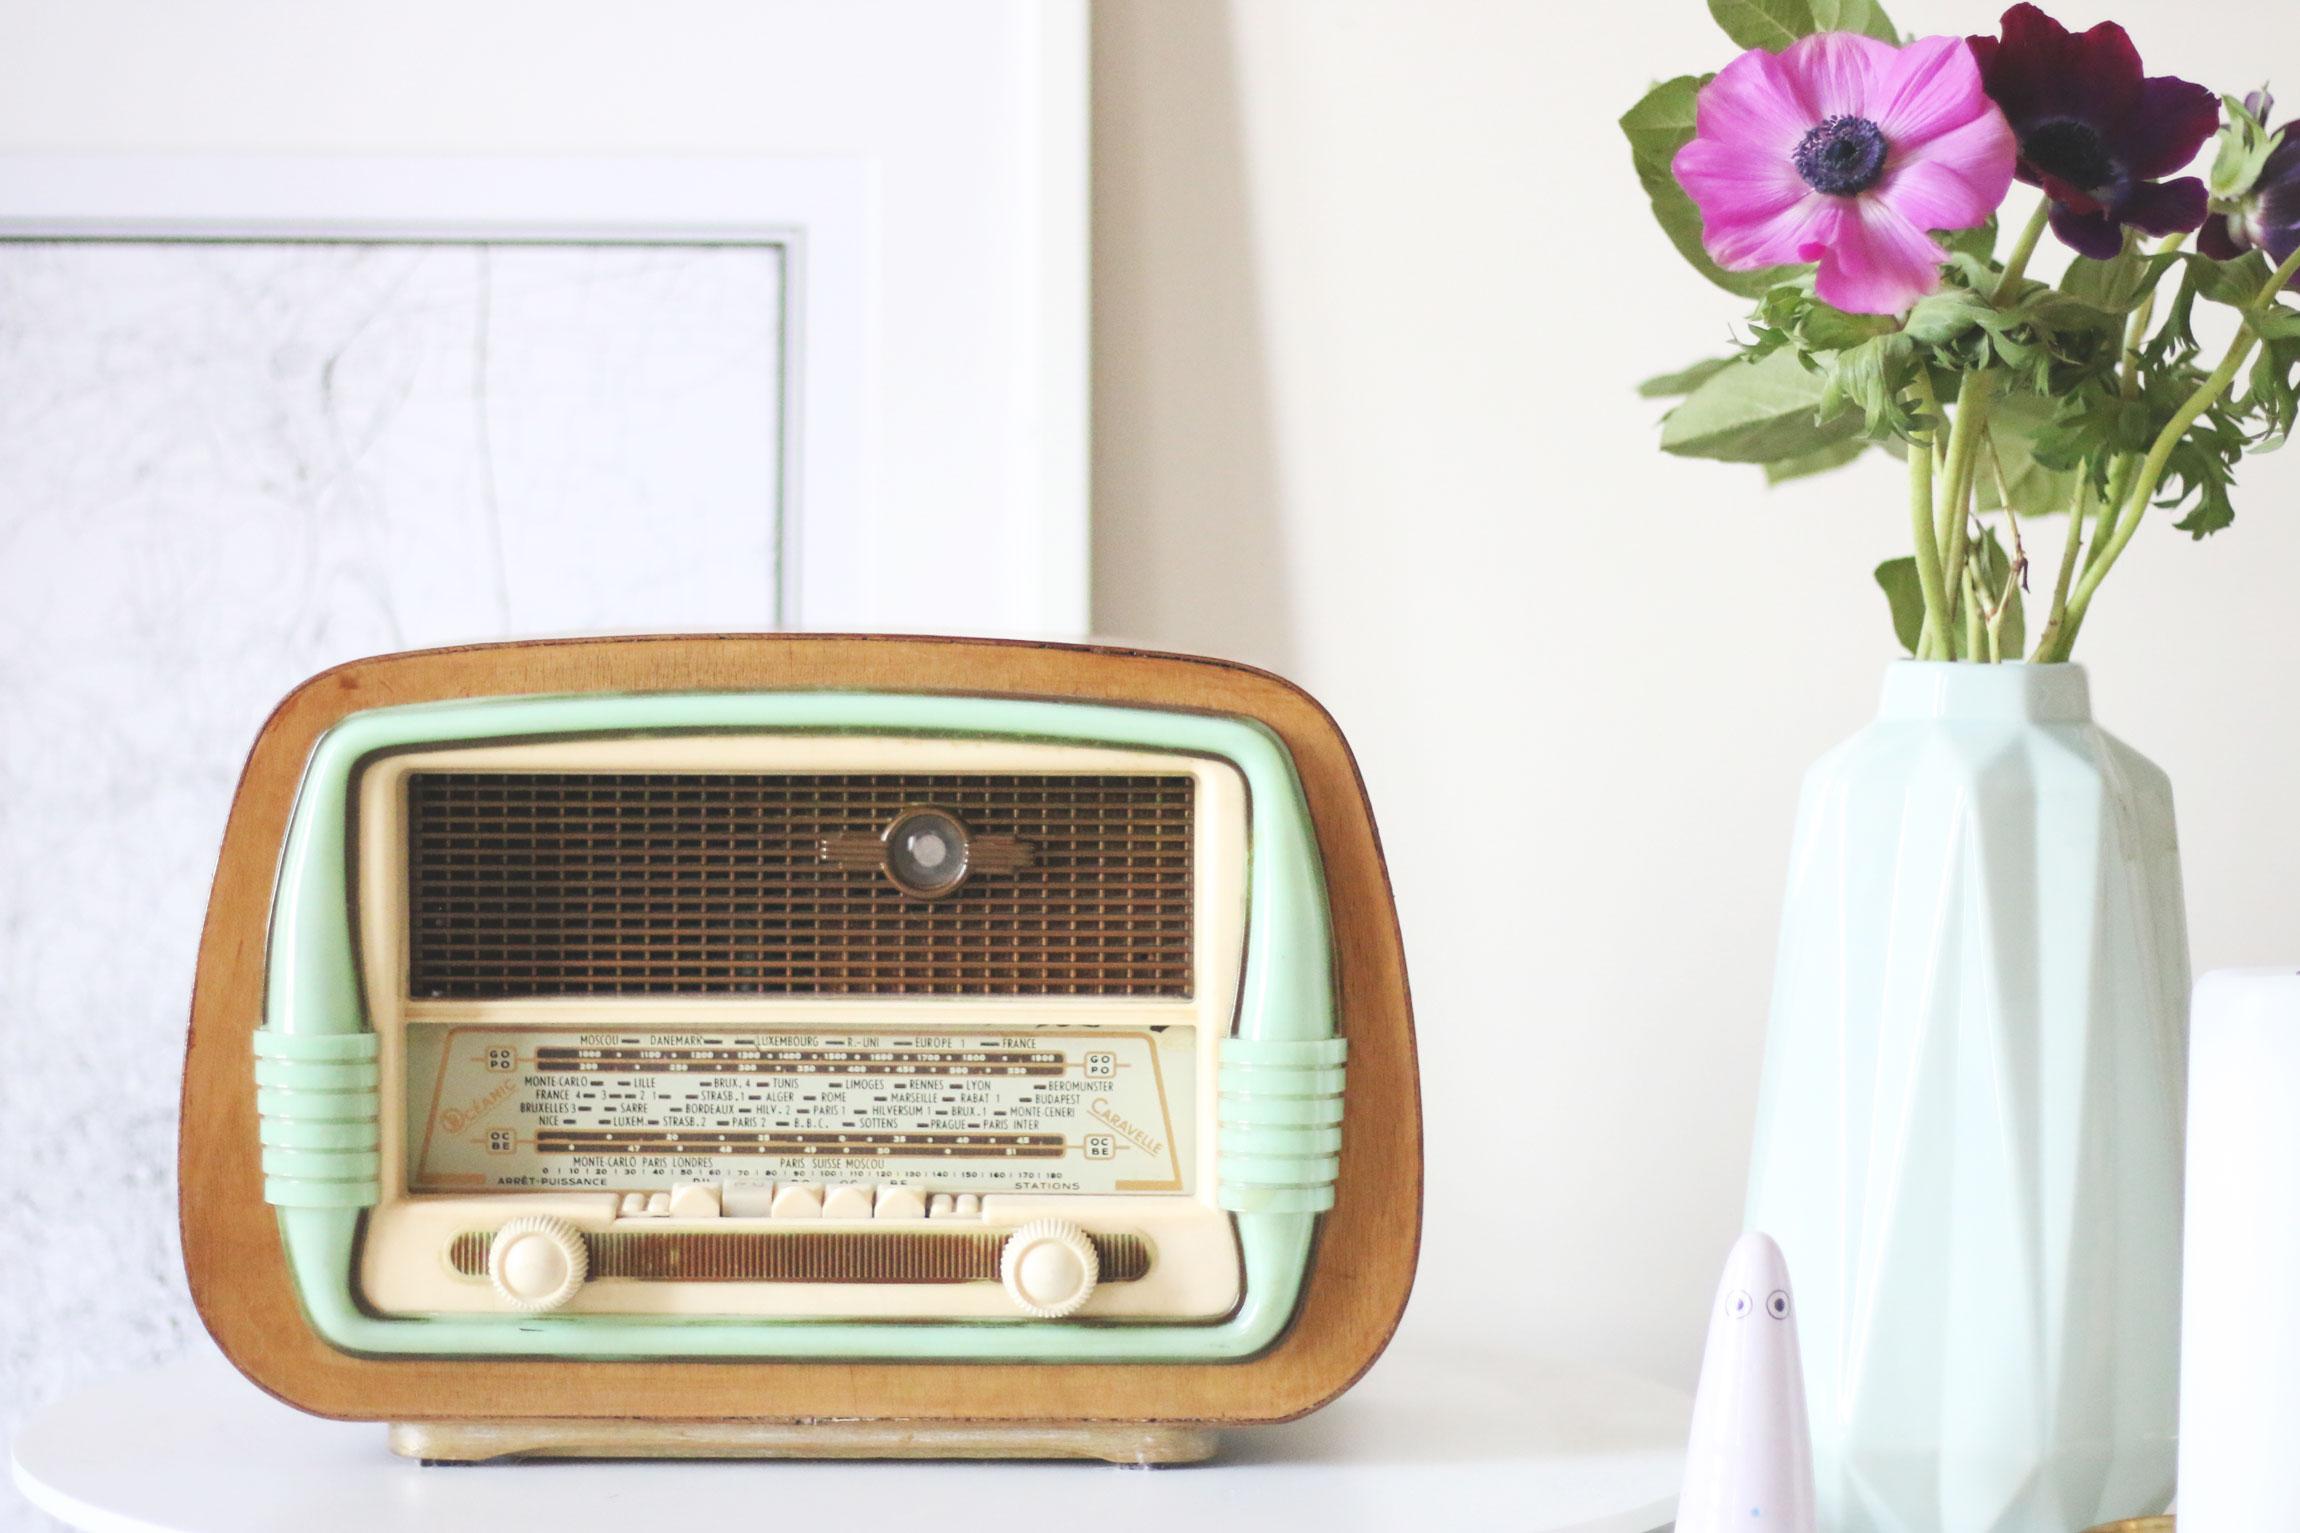 radio-vintage-clermont